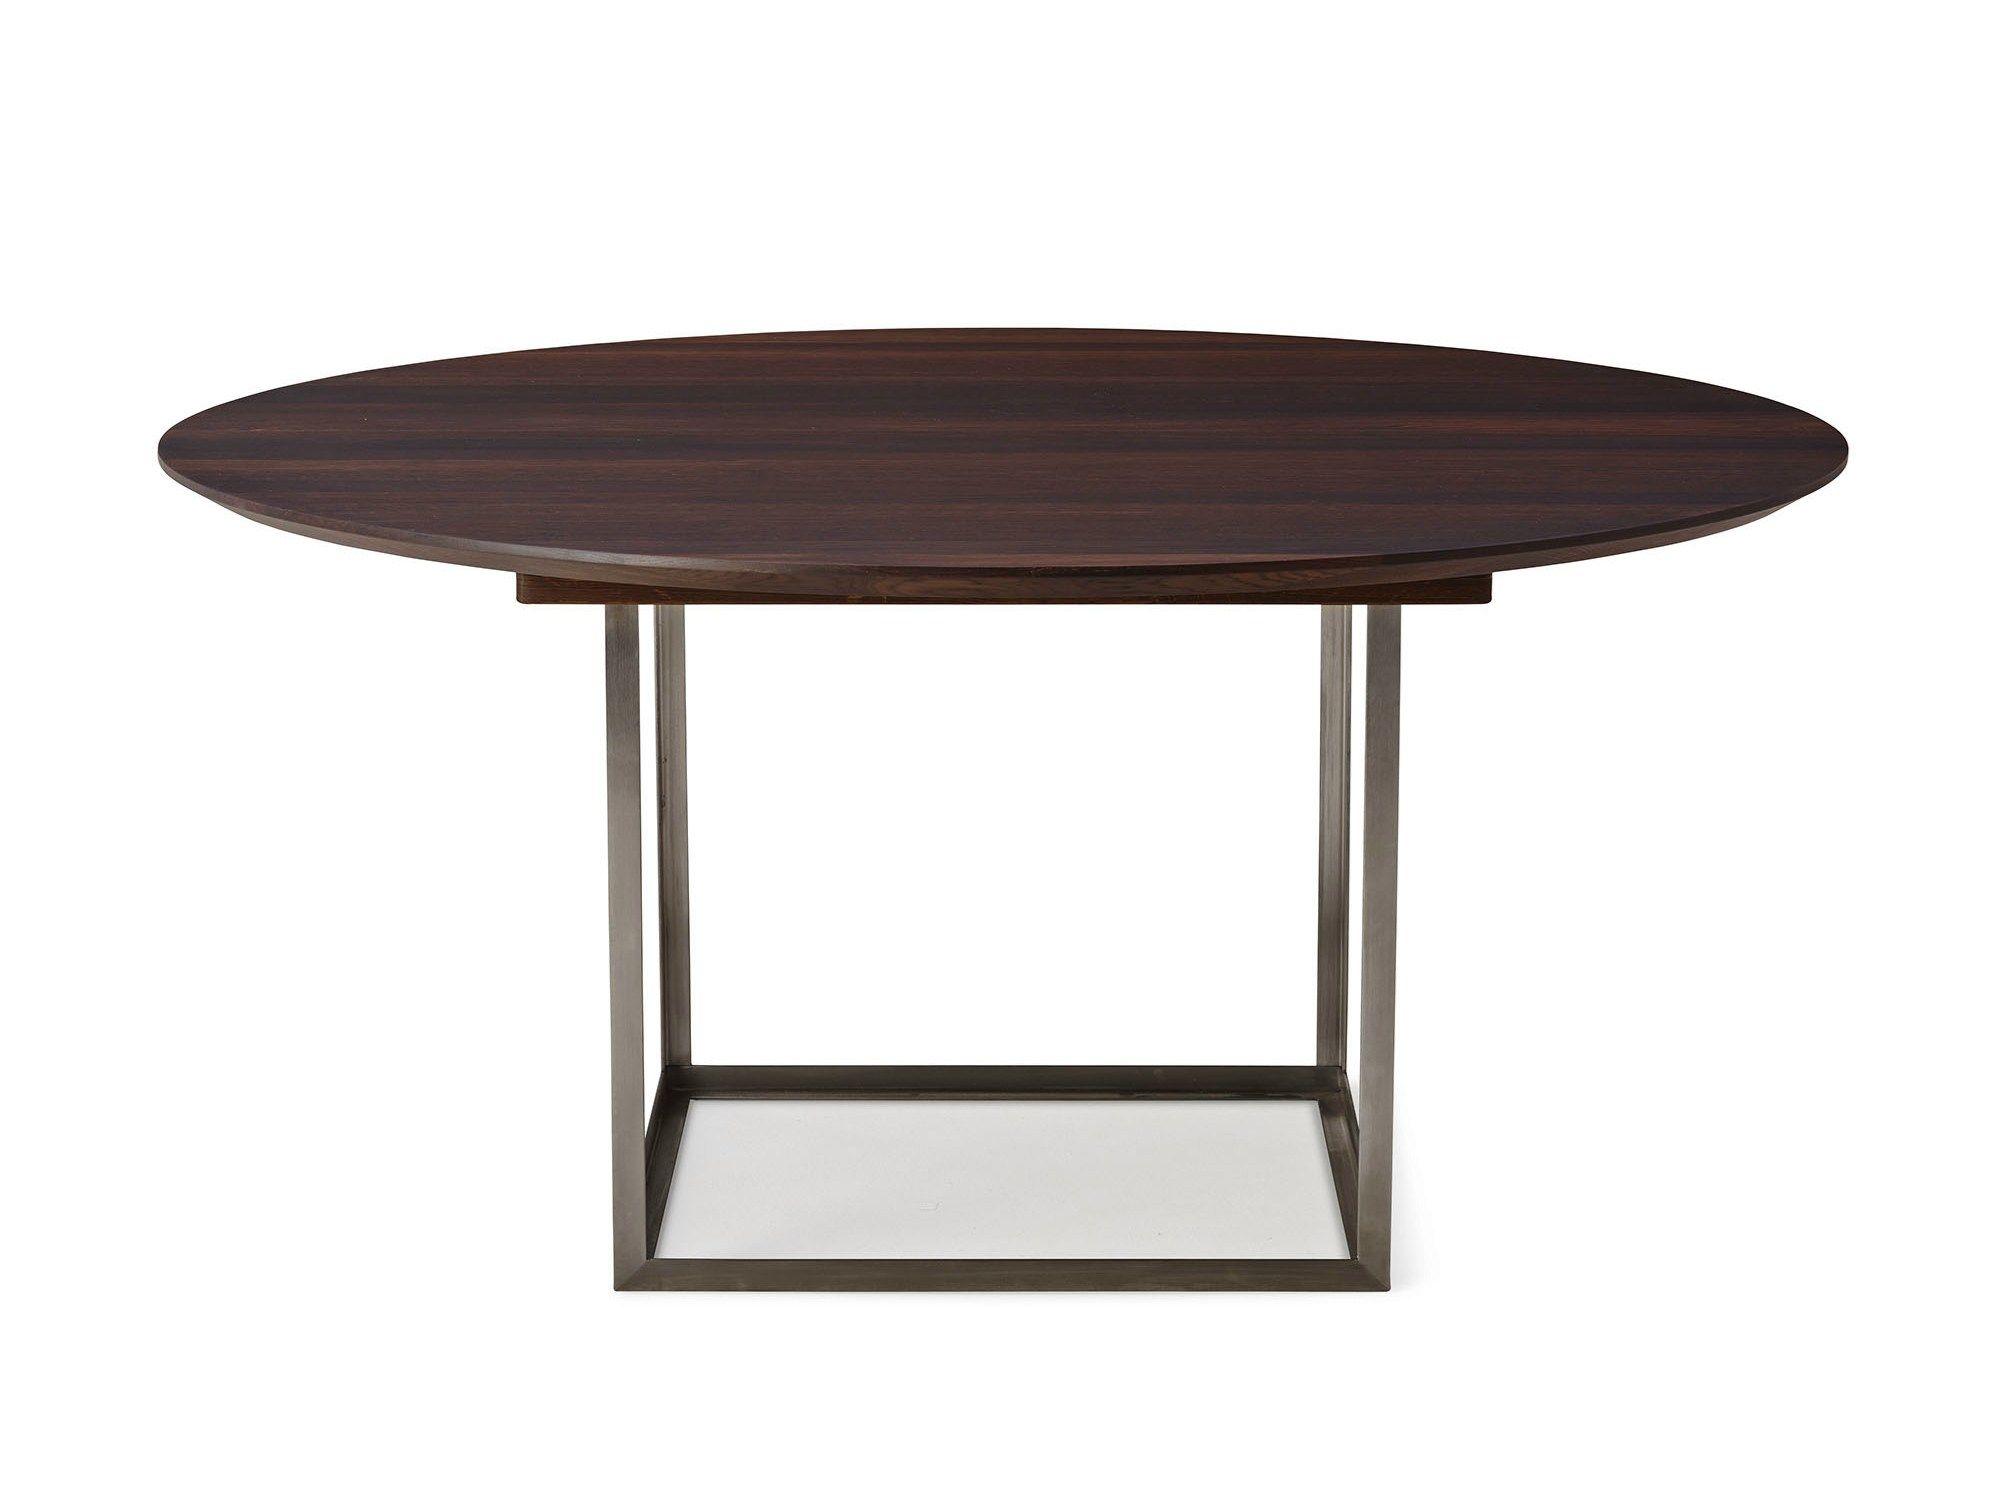 ausziehbarer runder tisch aus eichenholz jewel by dk3 design s ren juul. Black Bedroom Furniture Sets. Home Design Ideas